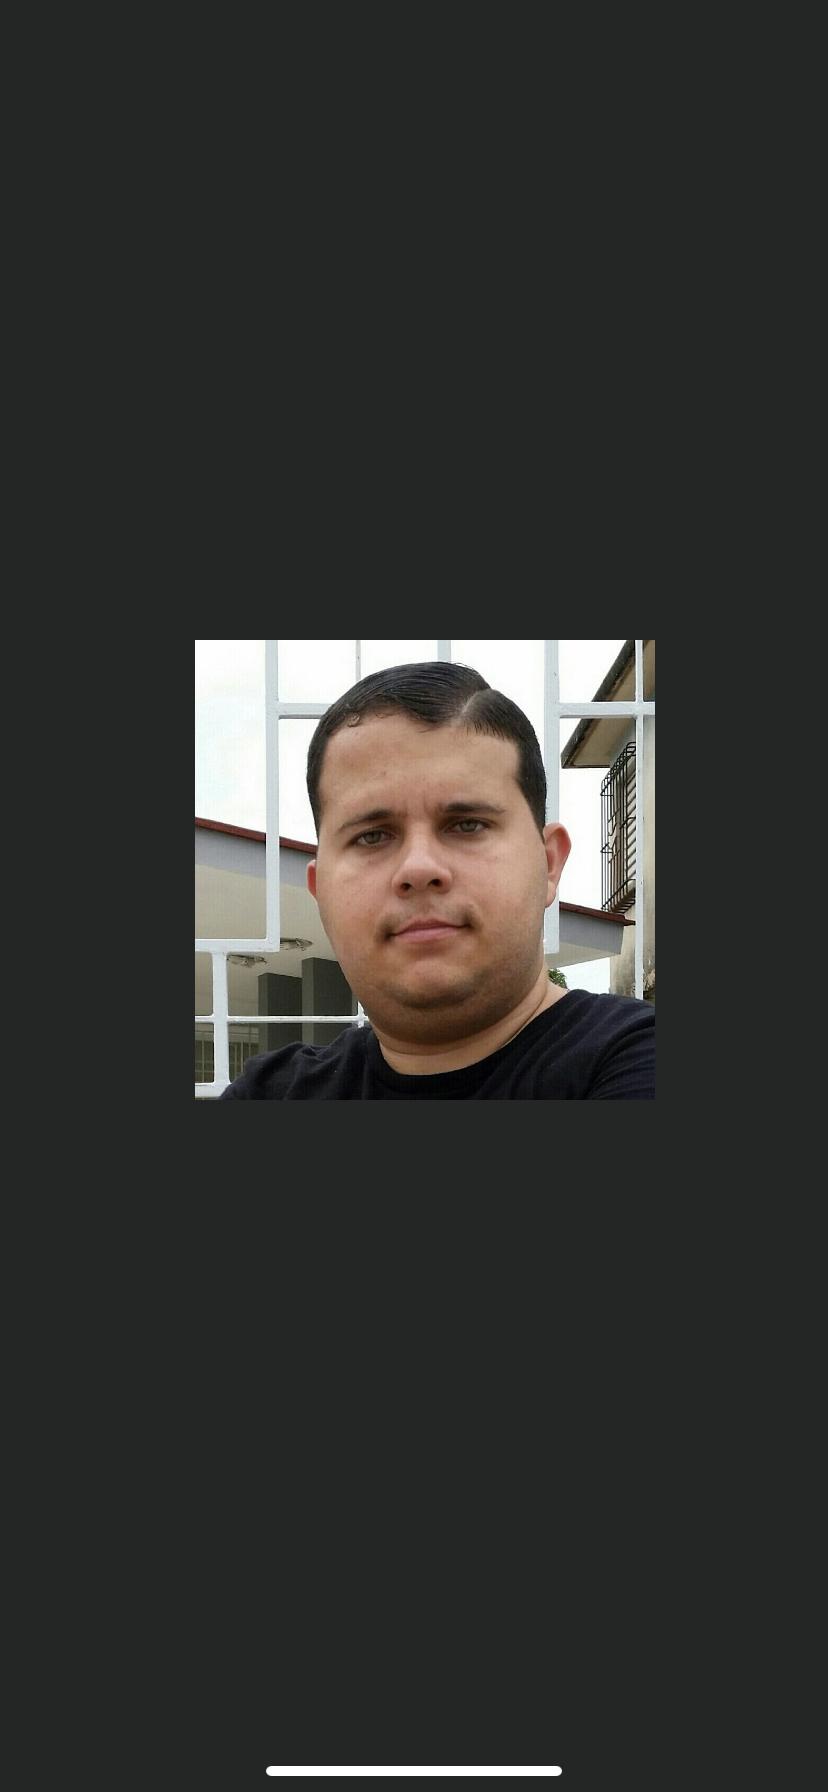 Jorgue Enrique Fuentes Ruiz